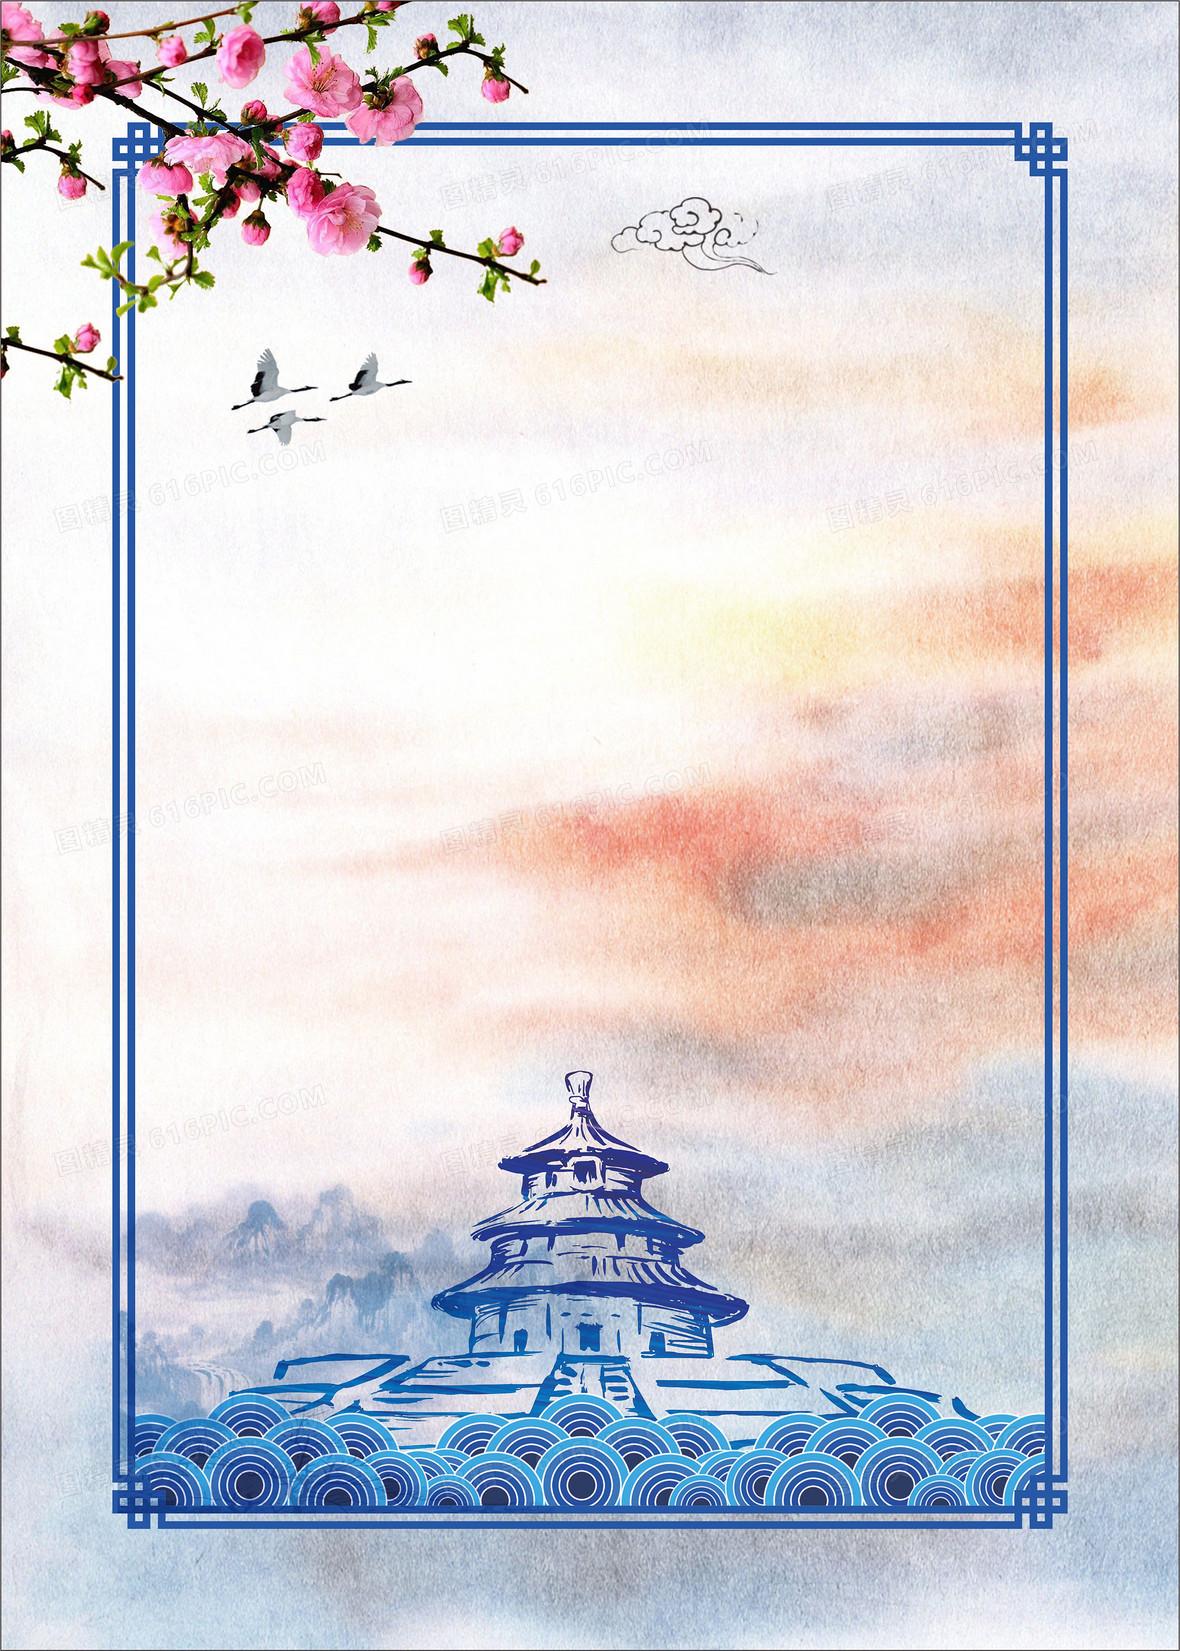 手绘天坛旅游矢量海报背景模板